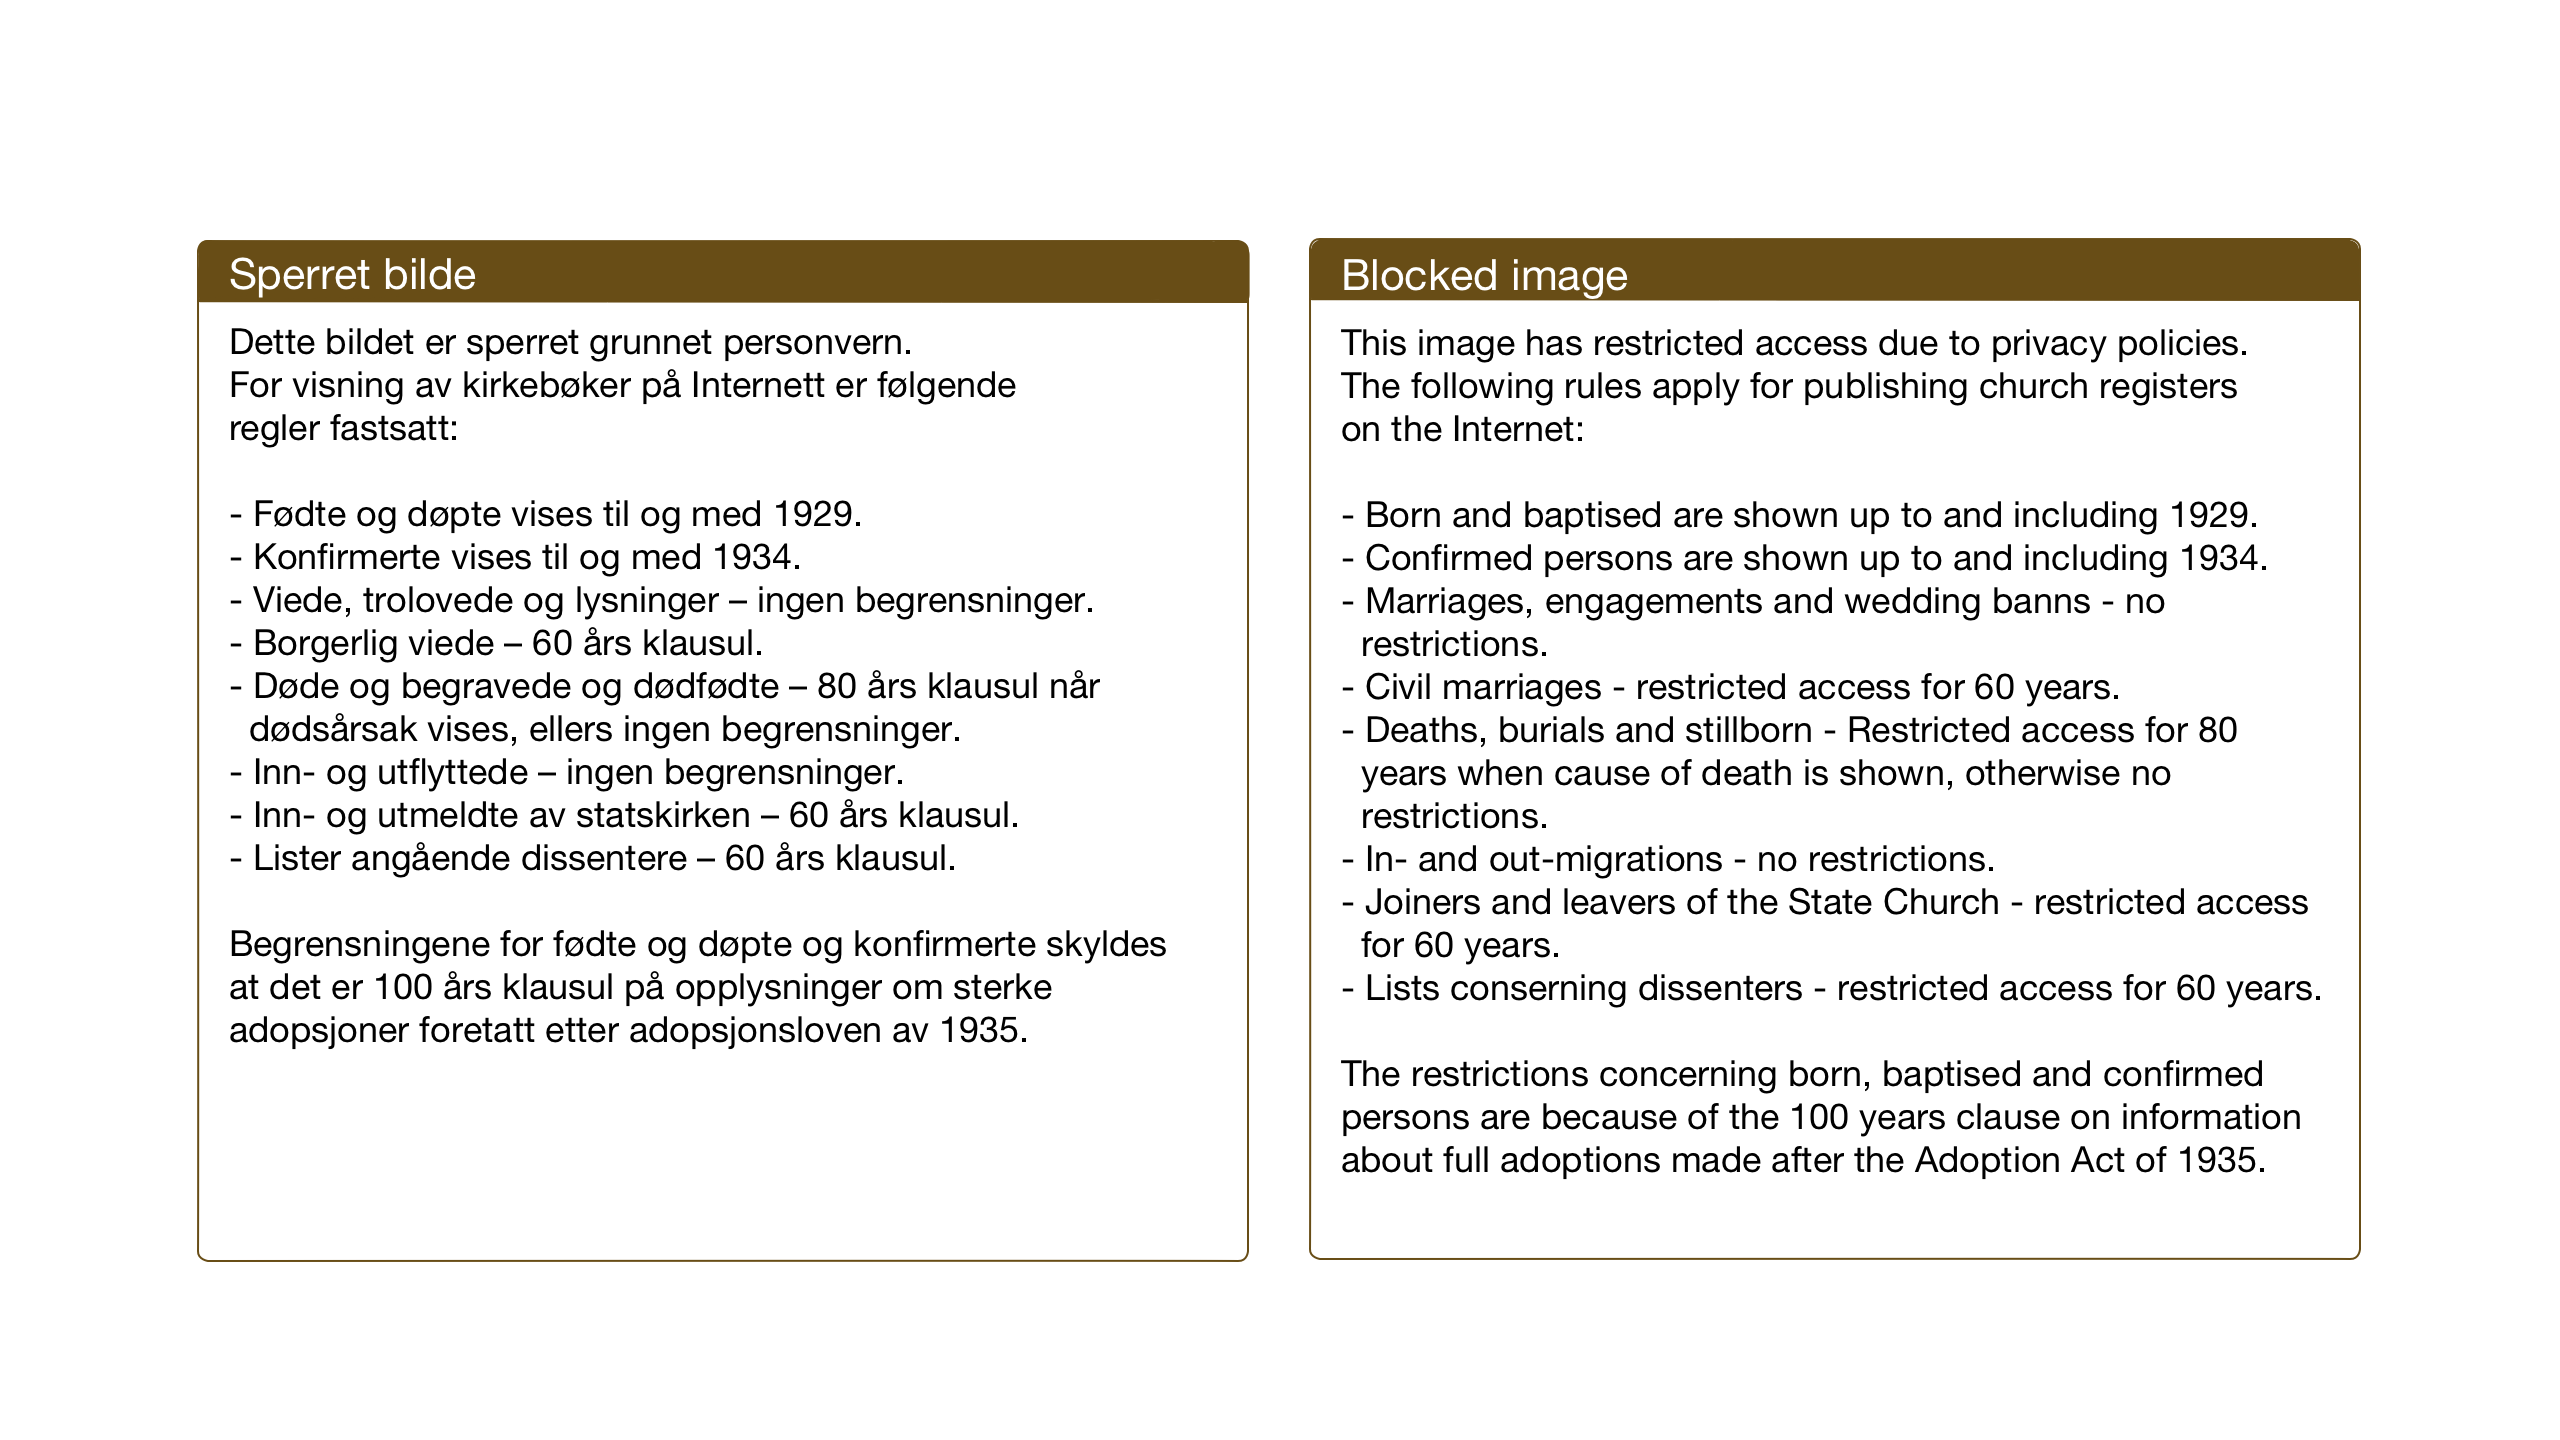 SAT, Ministerialprotokoller, klokkerbøker og fødselsregistre - Sør-Trøndelag, 637/L0564: Klokkerbok nr. 637C05, 1928-1968, s. 131